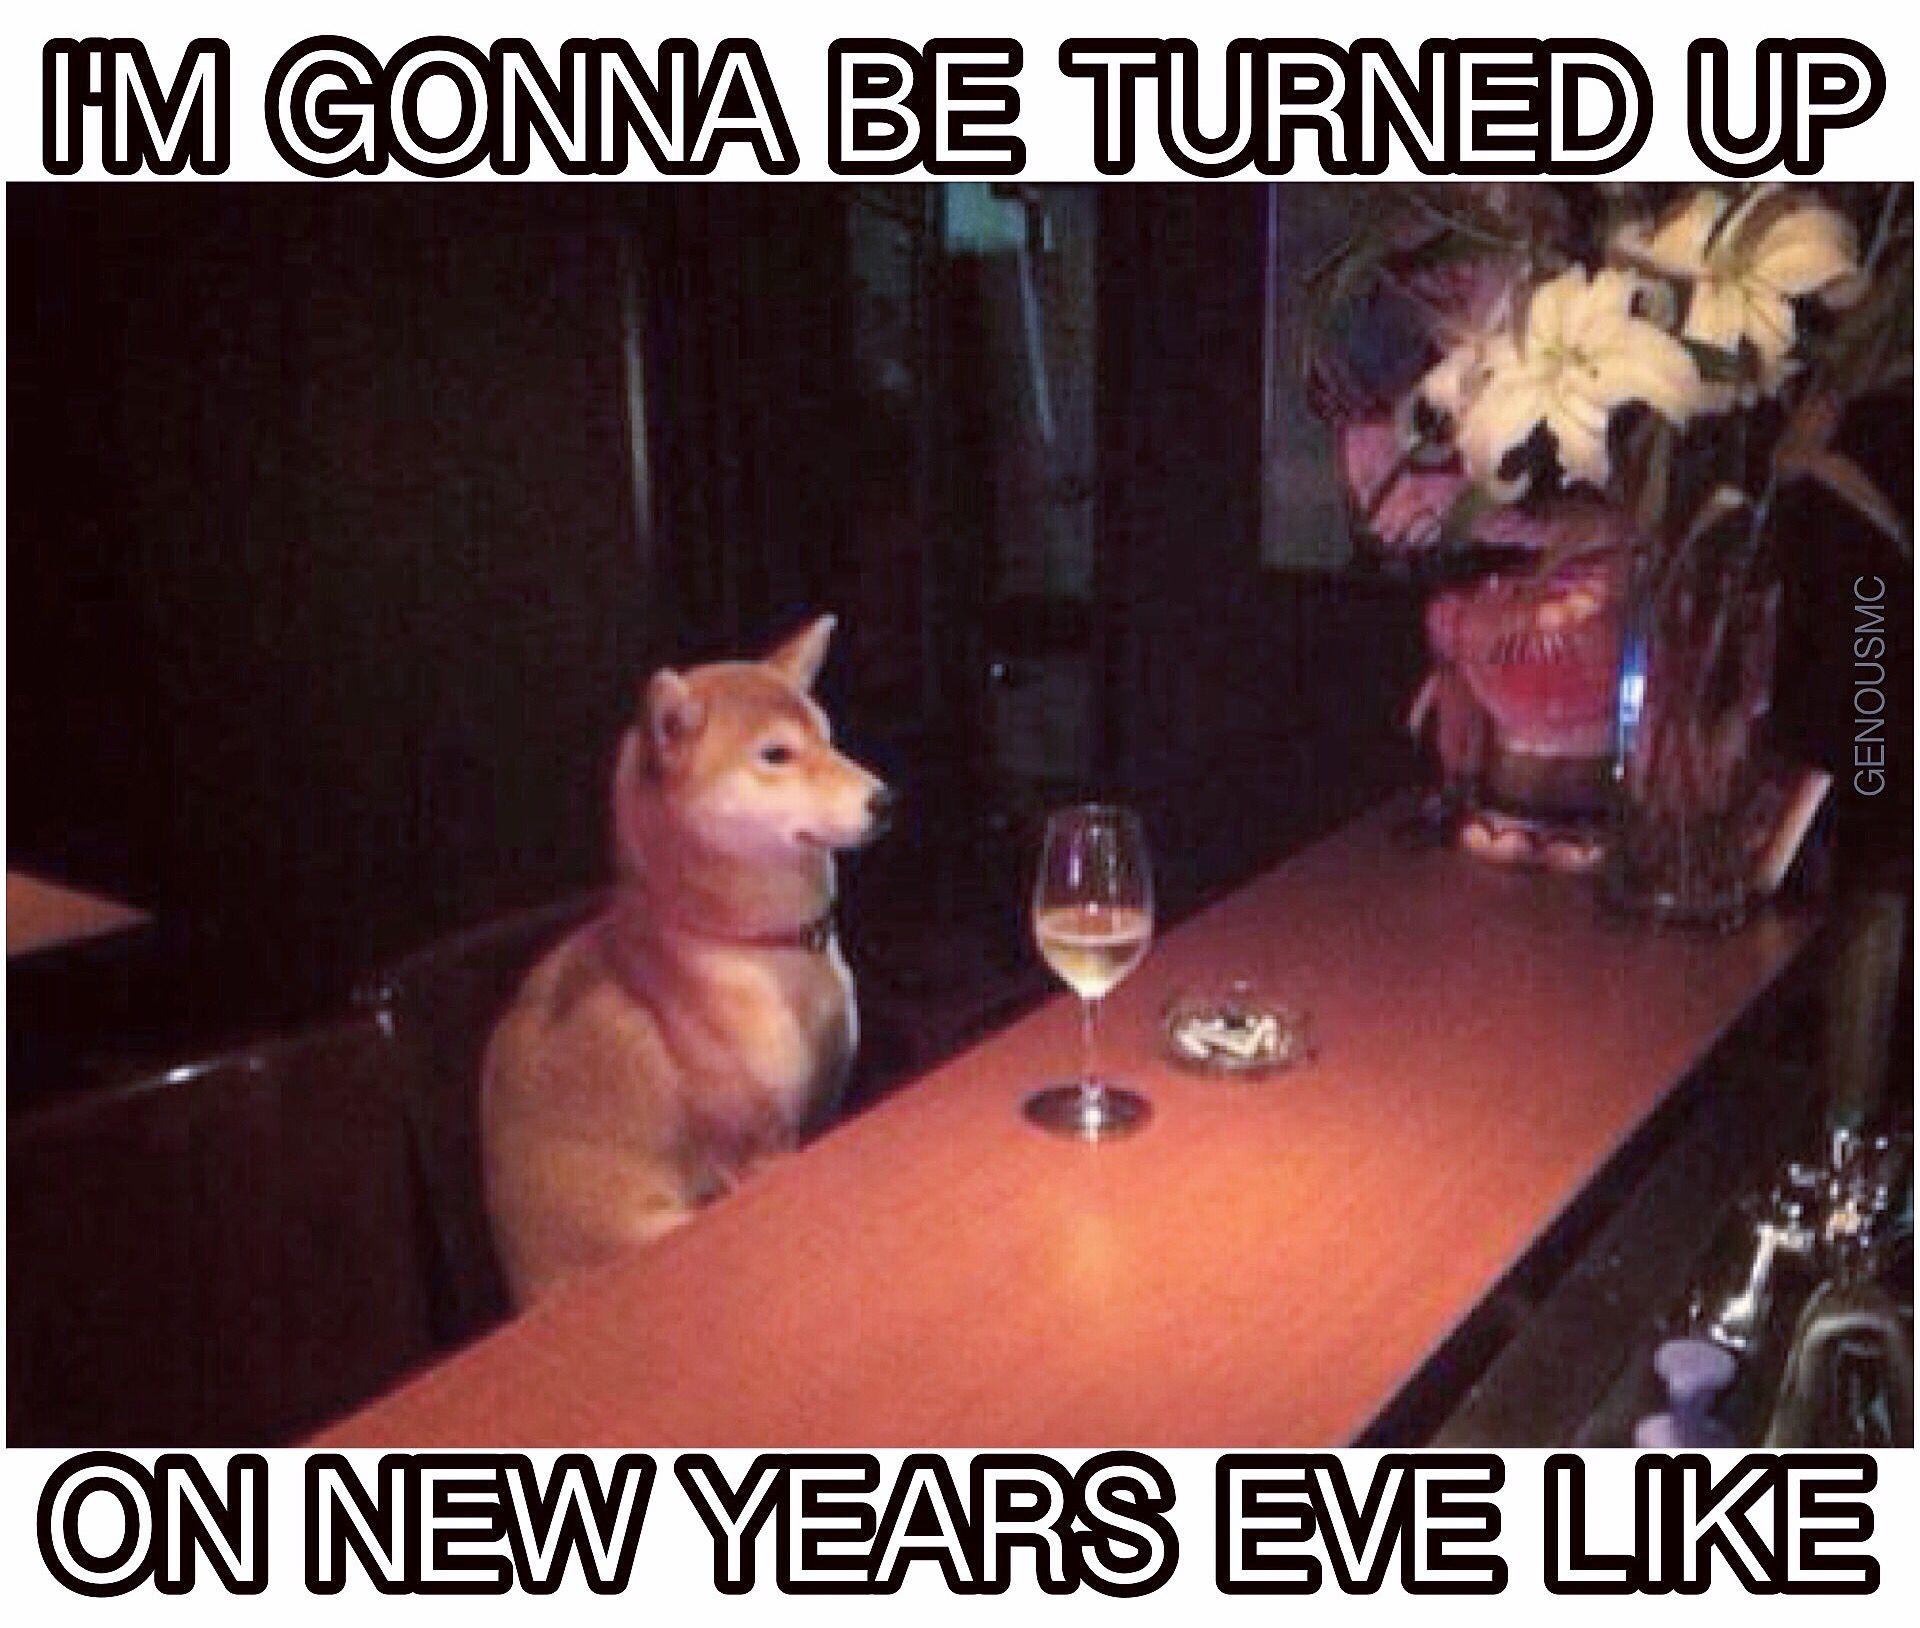 New Years Eve New Years Eve Meme New Years Eve Animal Lover Humor